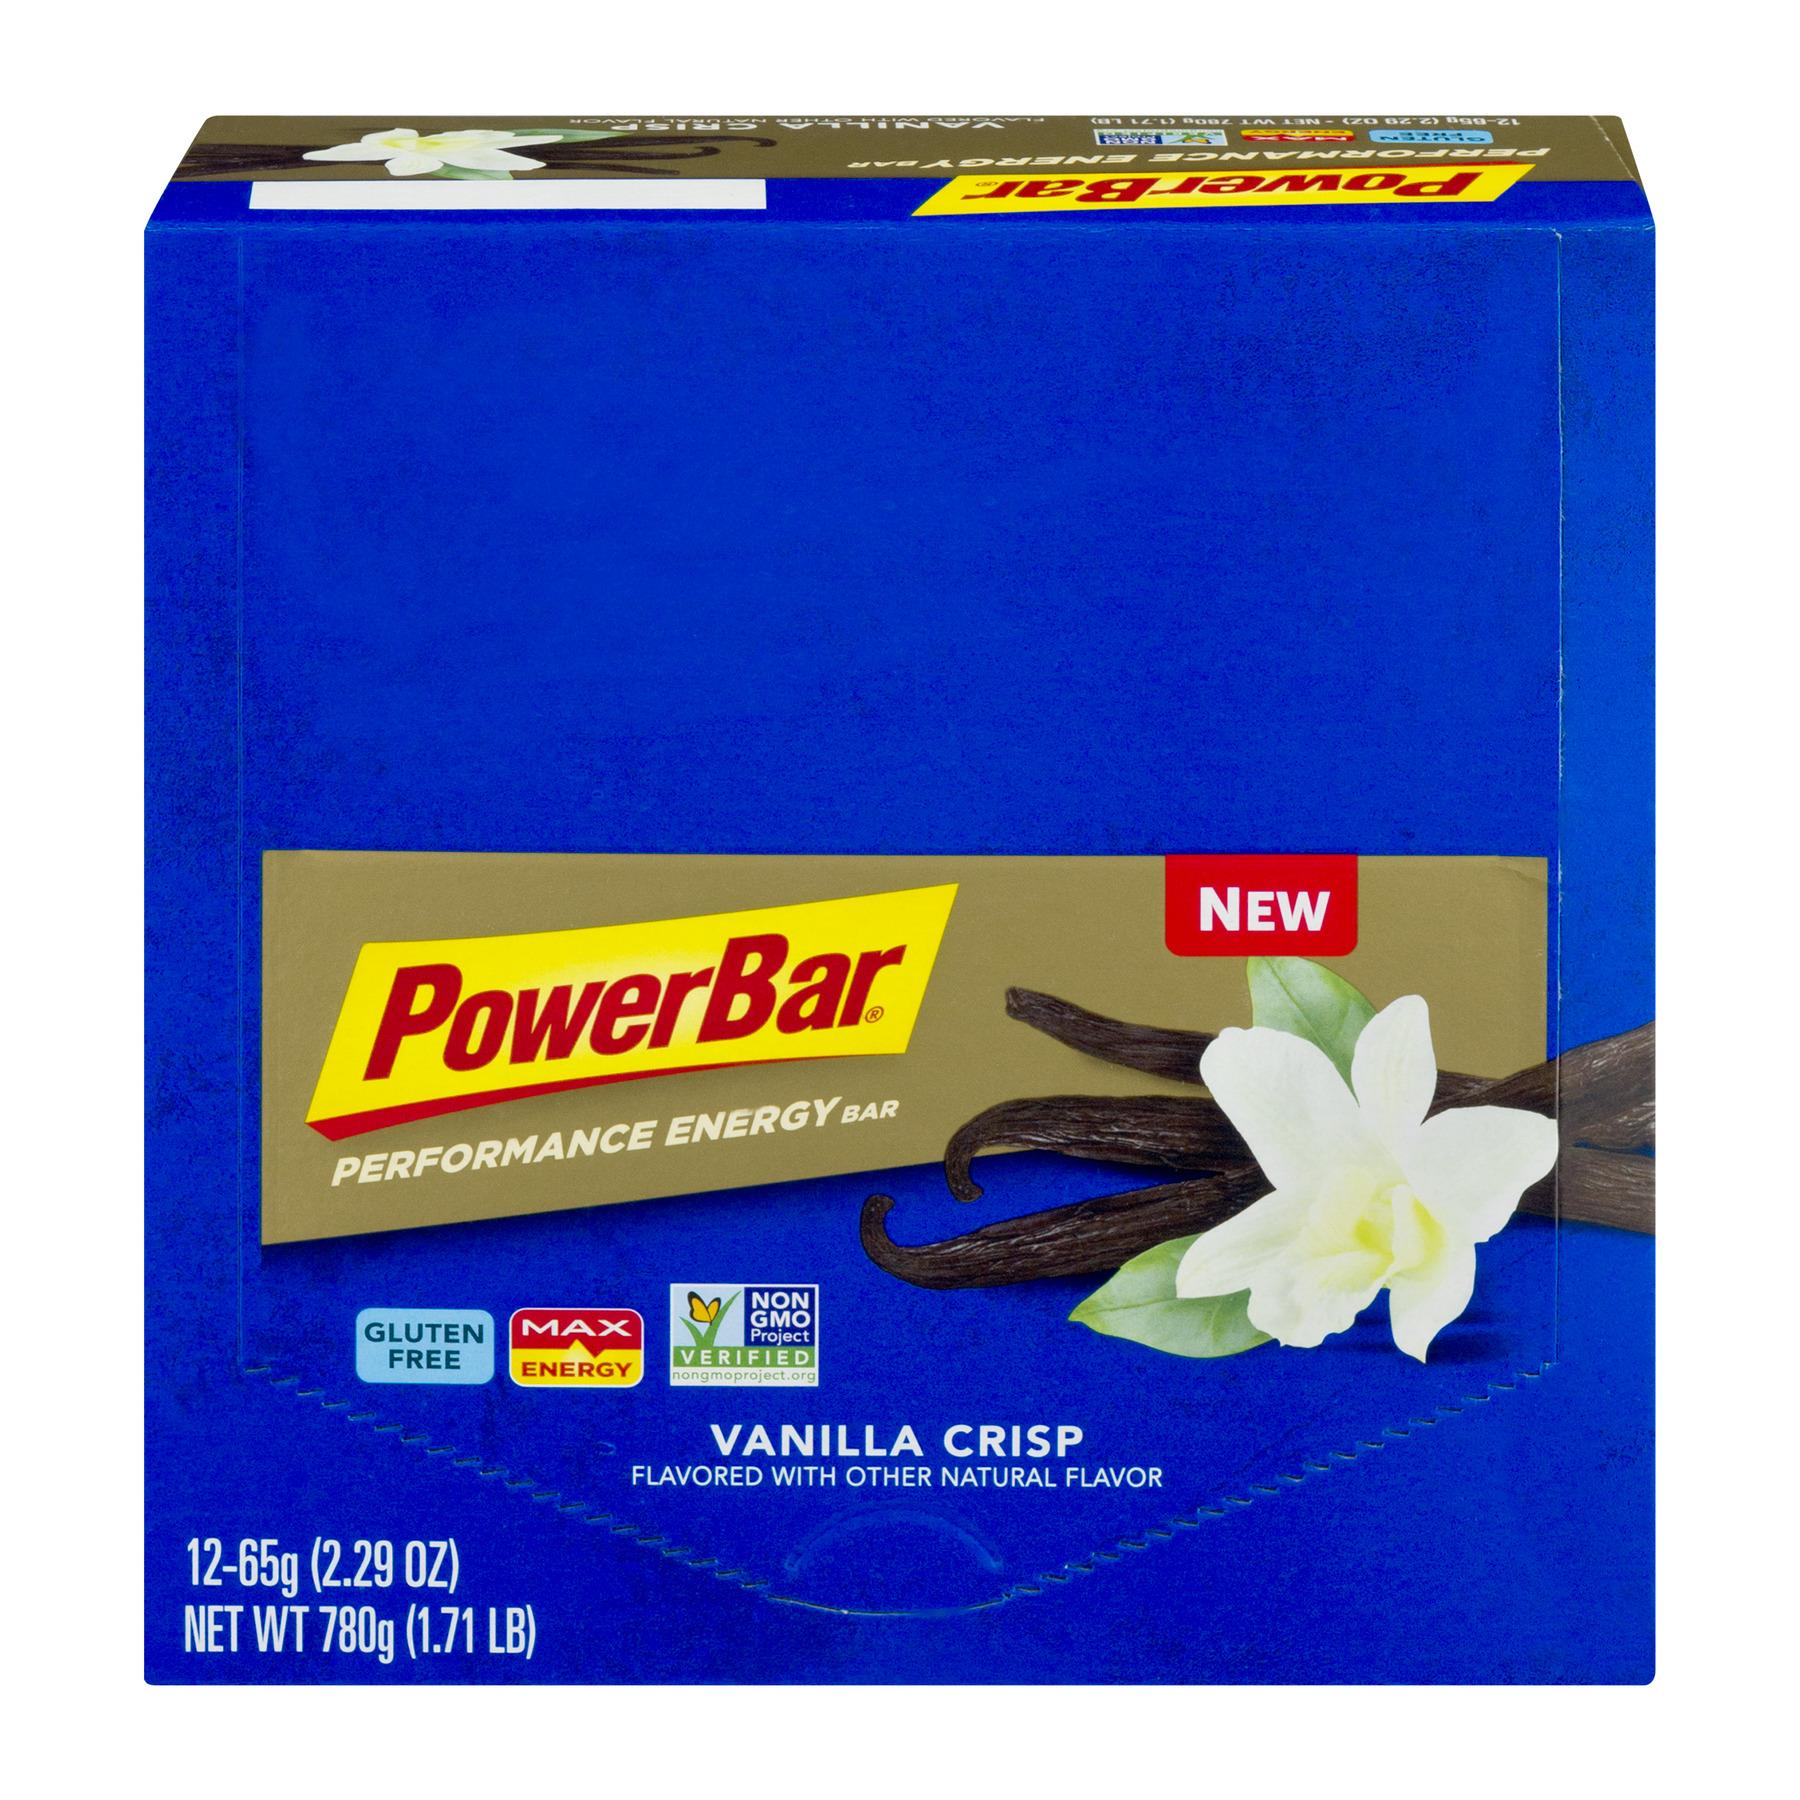 PowerBar Protein Bar, Vanilla Crisp, 8g Protein, 12 Ct